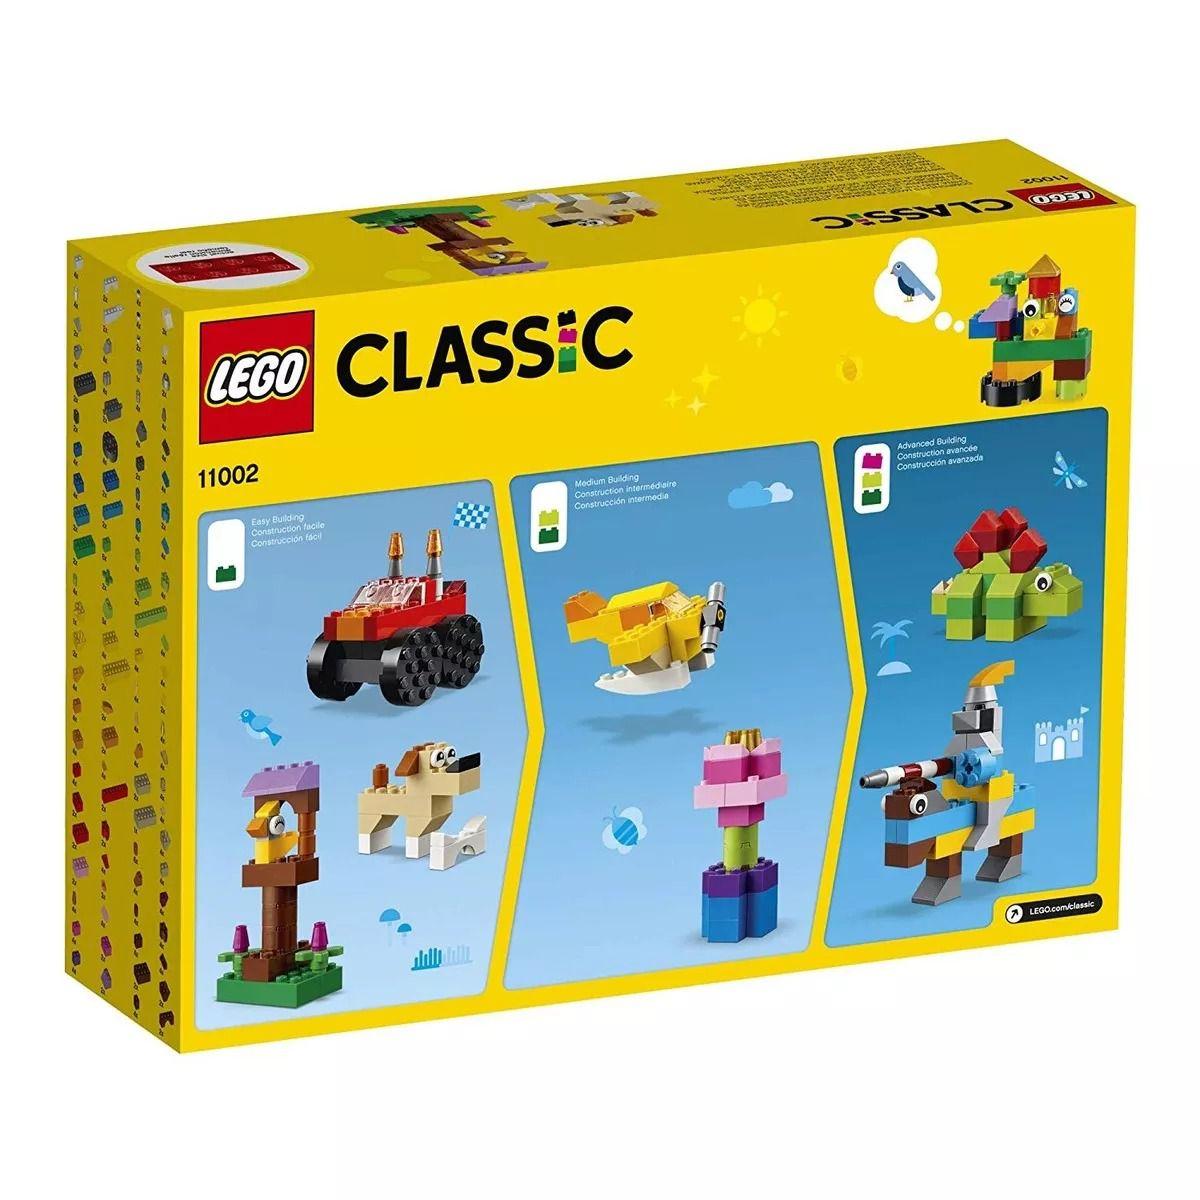 Lego 11002 Classic – Caixa Conjunto de Peças Básico C/ Idéias  – 300 peças  - Doce Diversão